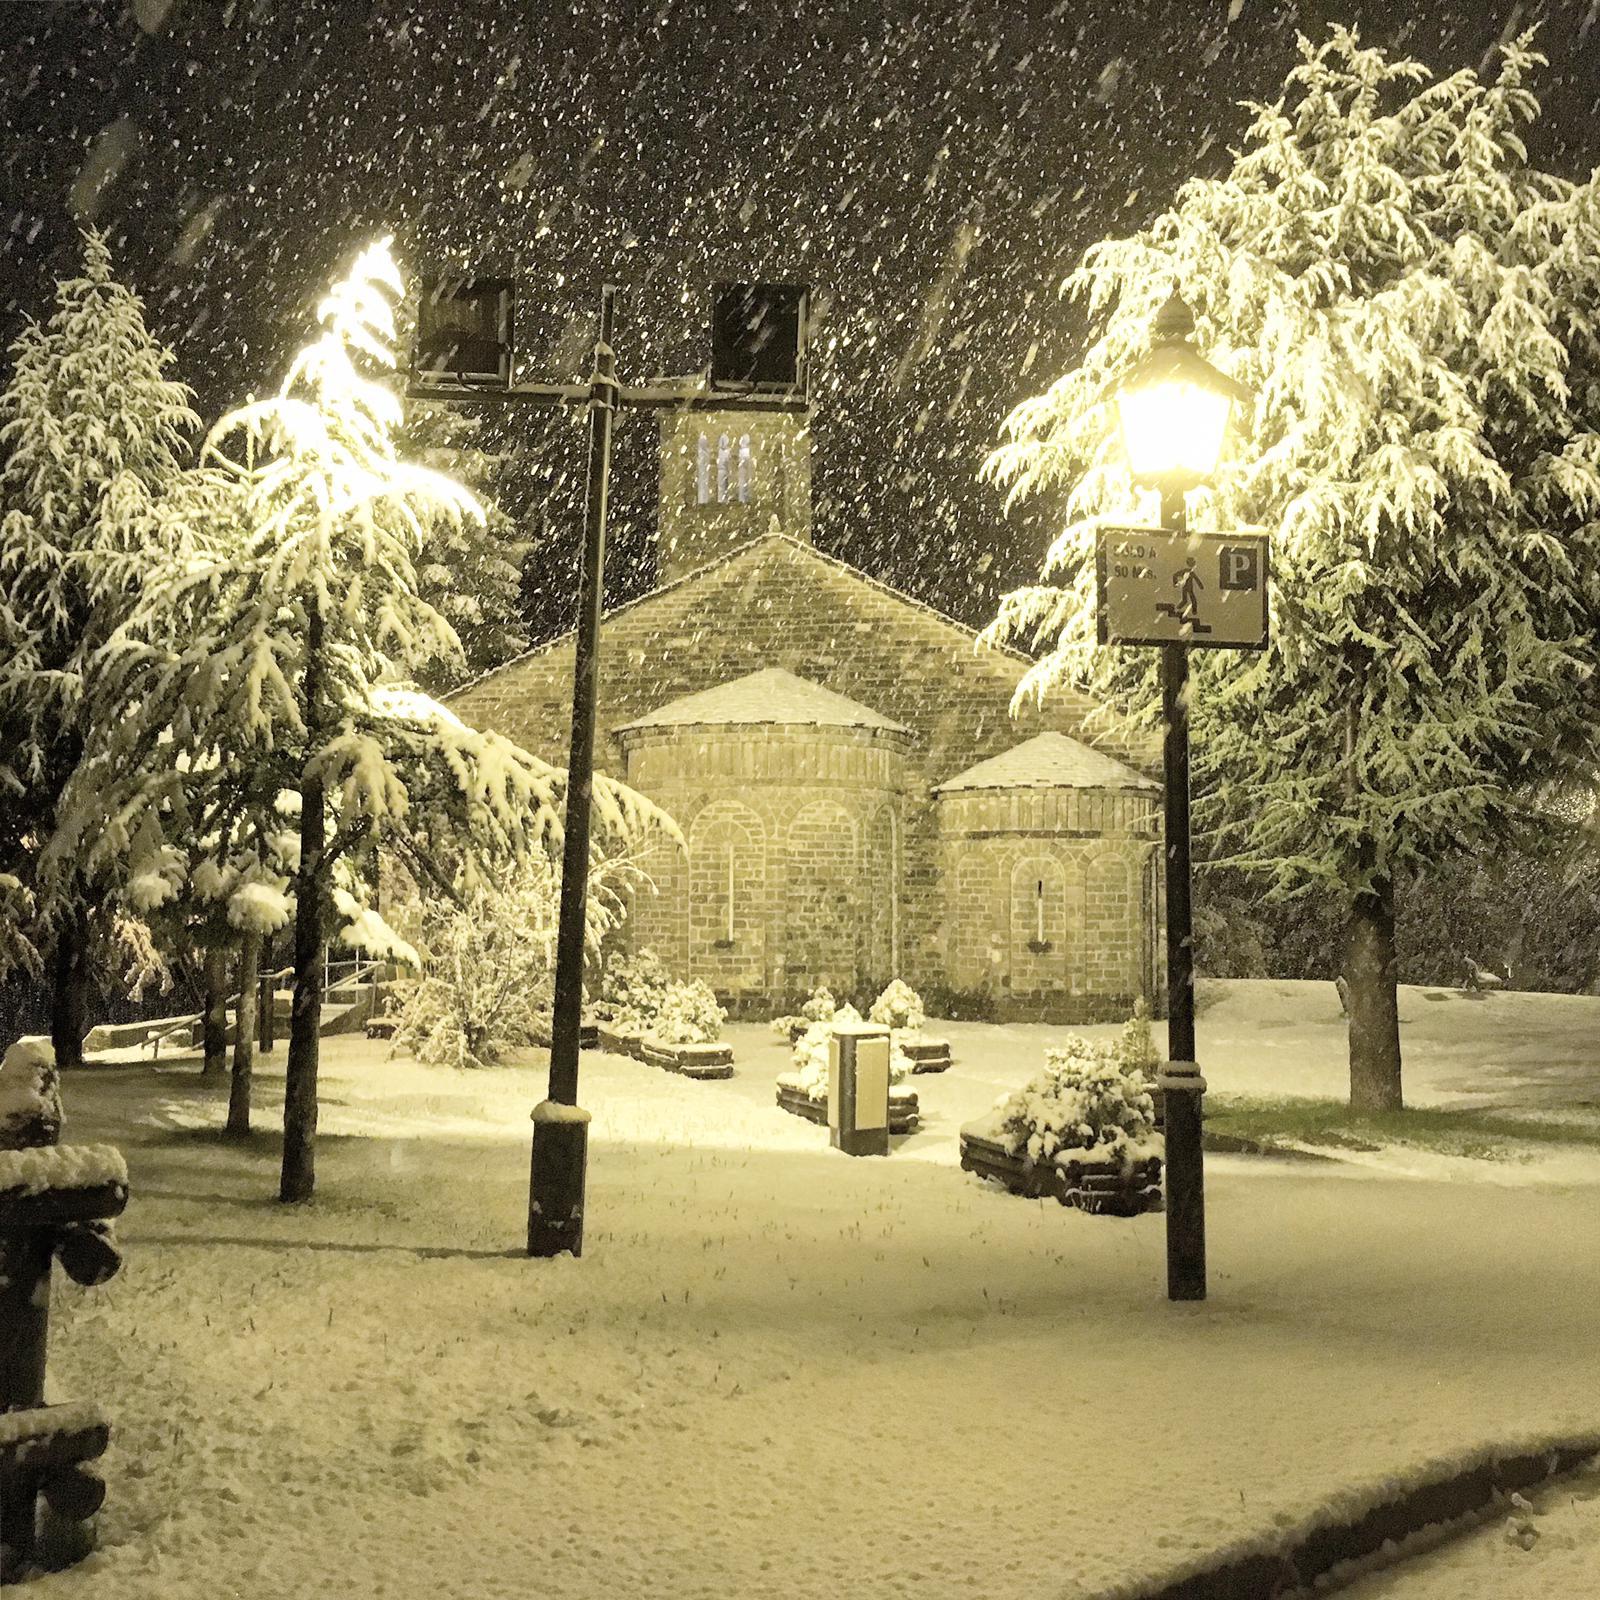 Festejamos las nuevas nevadas prorrogando los descuentos en el abono de temporada Ski Pirineos